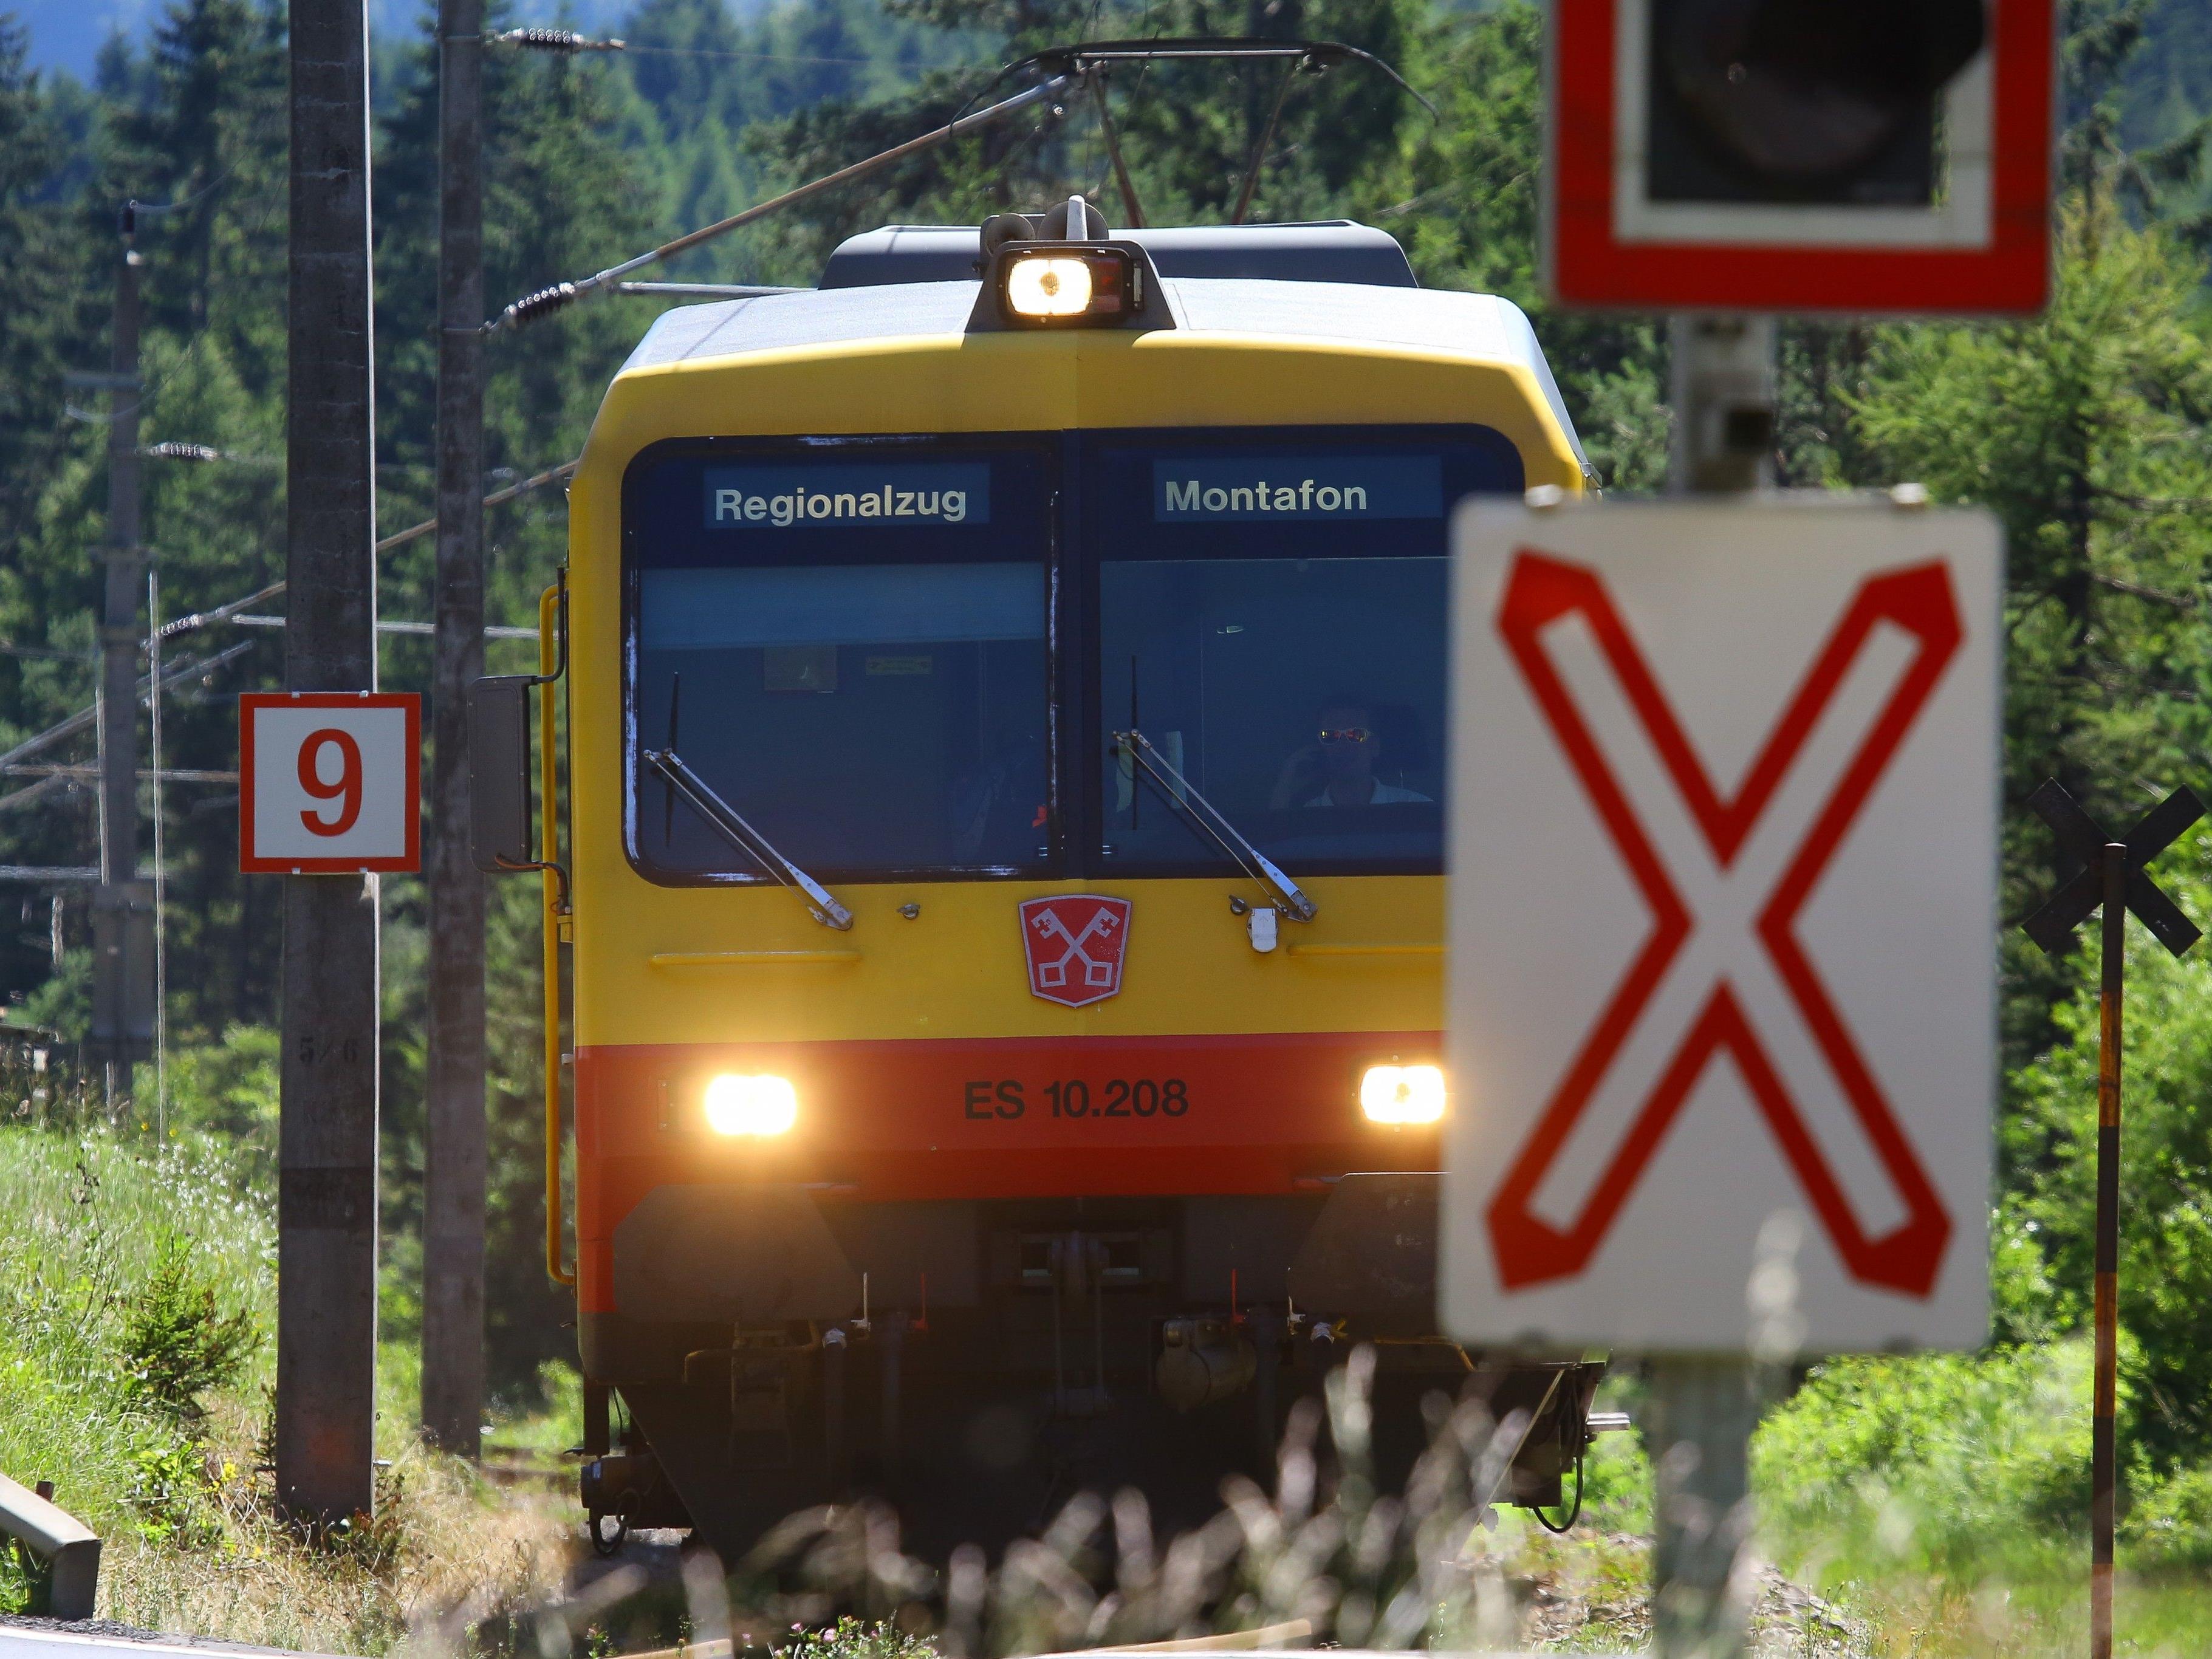 Bis 2019 wird an der Montafonerbahn gearbeitet.